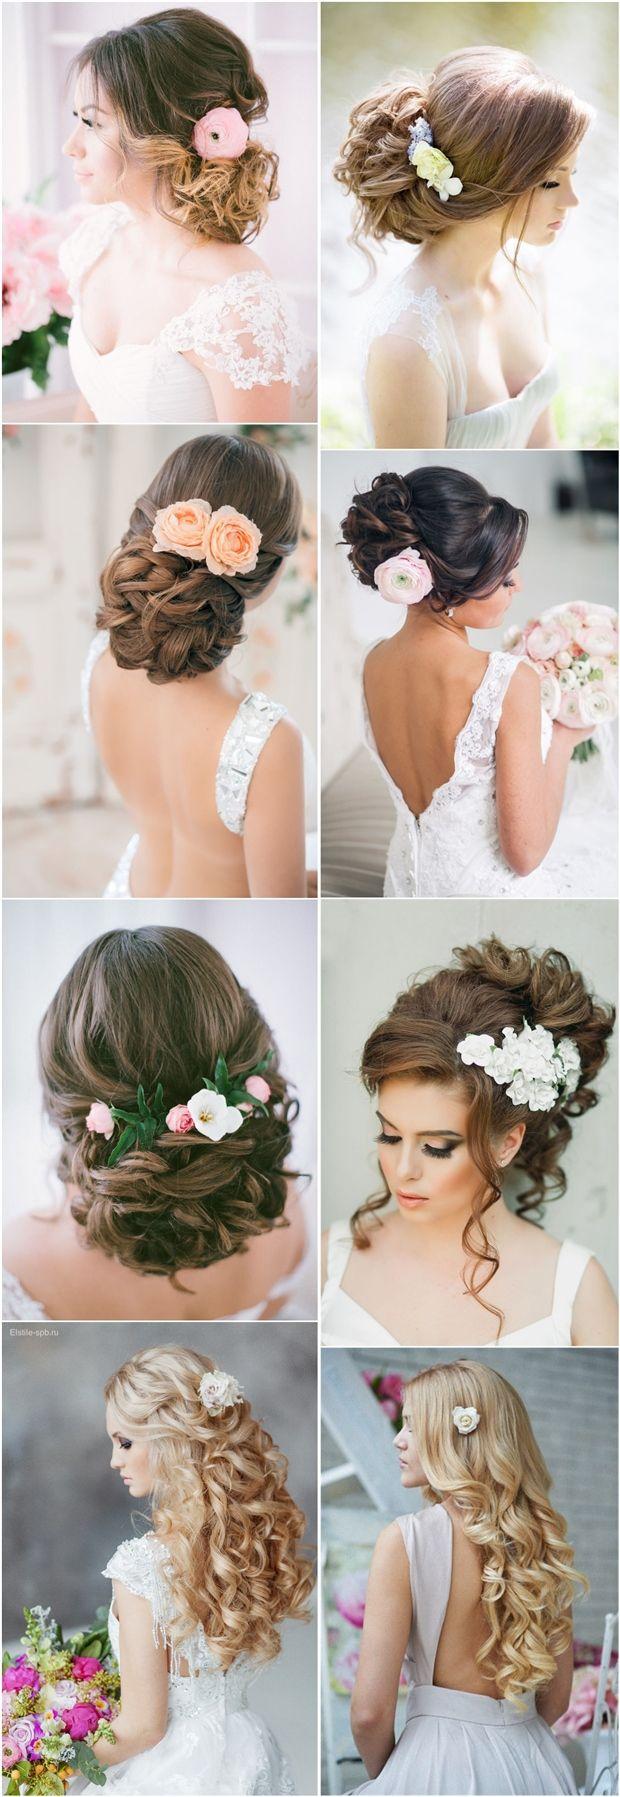 long wedding hairstyles updos with flowers / www.deerpearlflow...